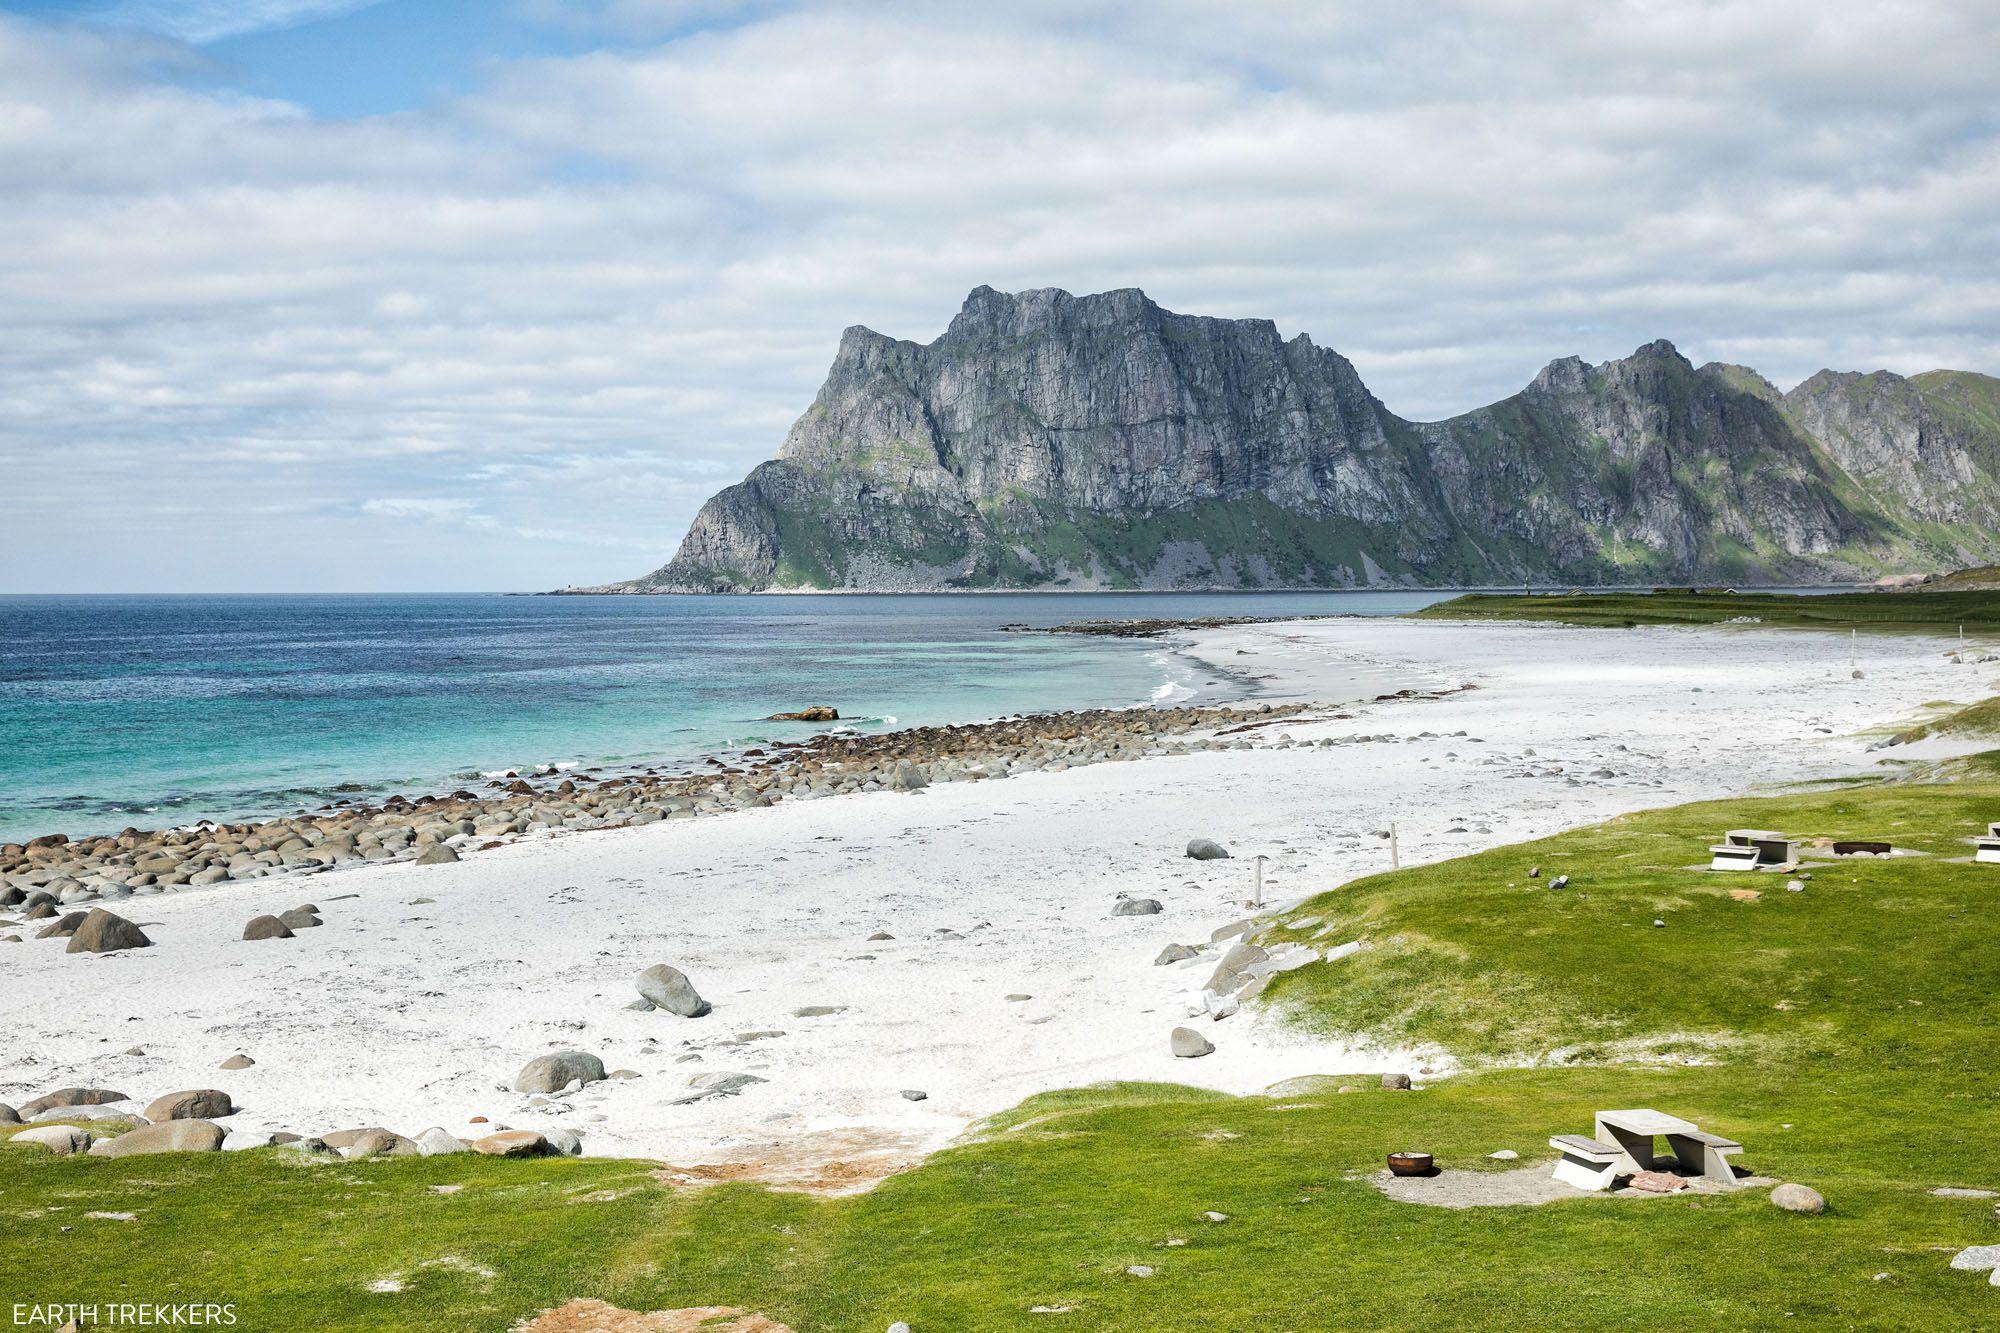 Lofoten Islands Itinerary